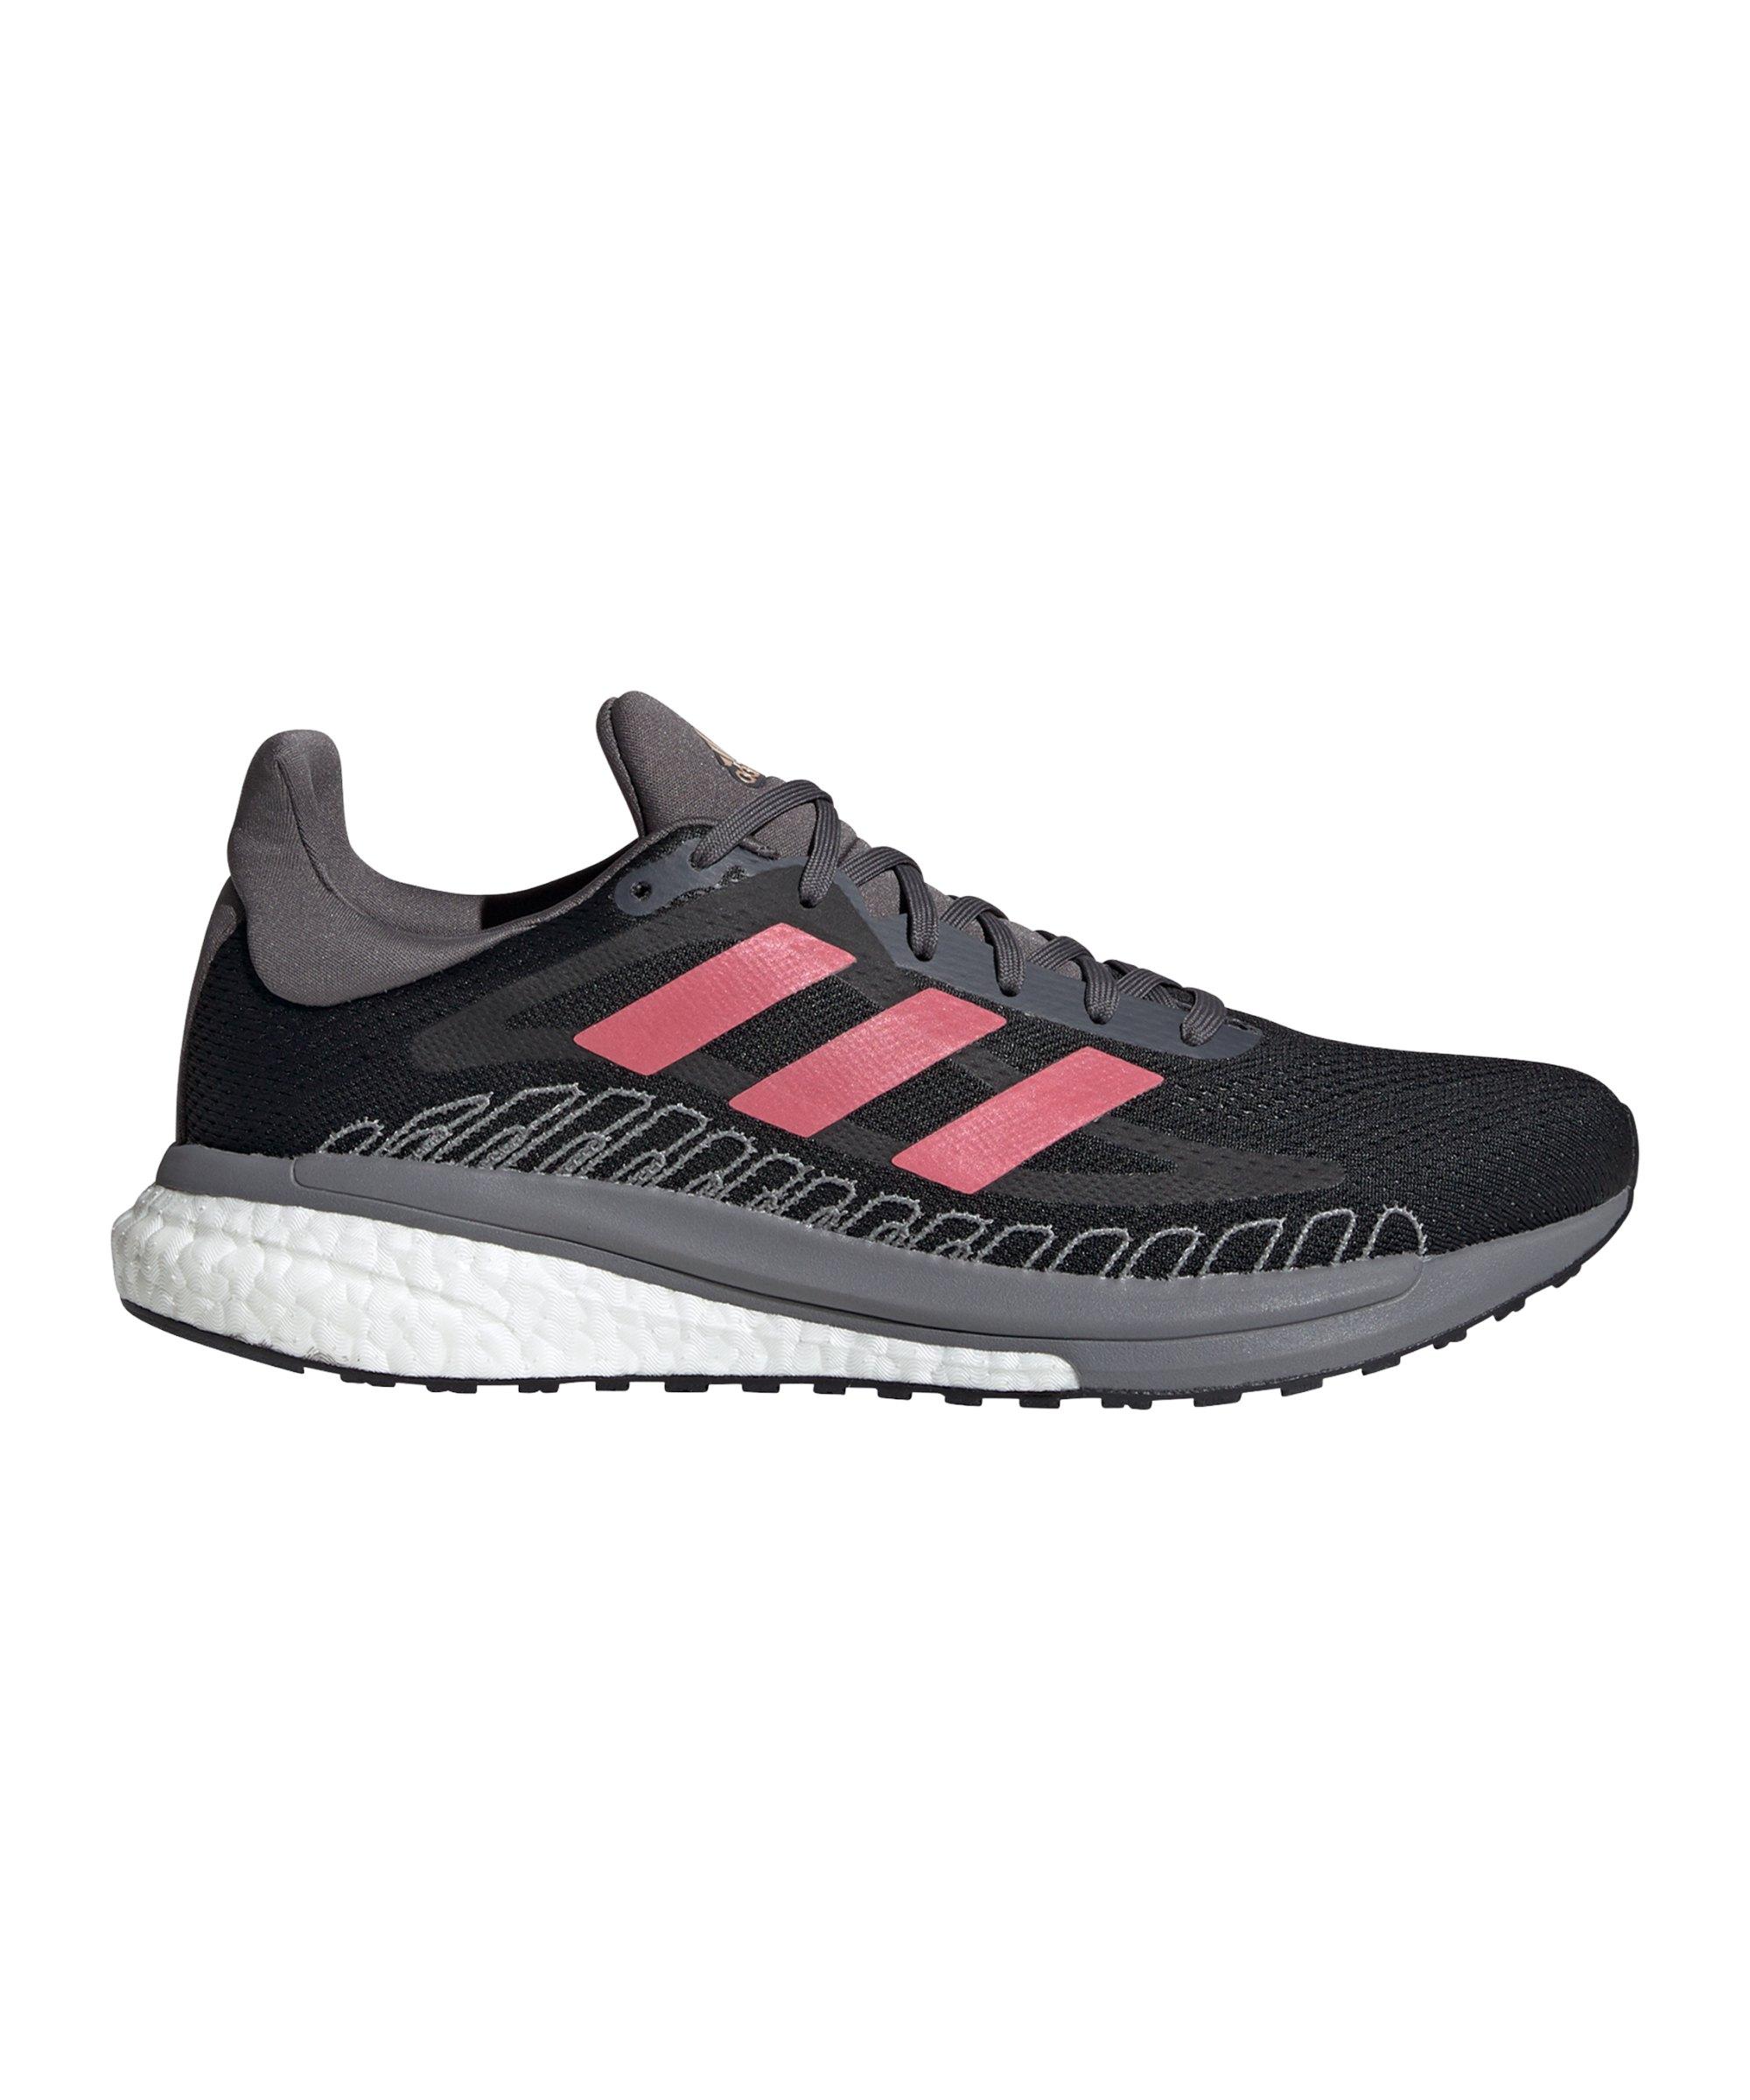 adidas Solar Glide ST 3 Running Schwarz Grau Pink - schwarz